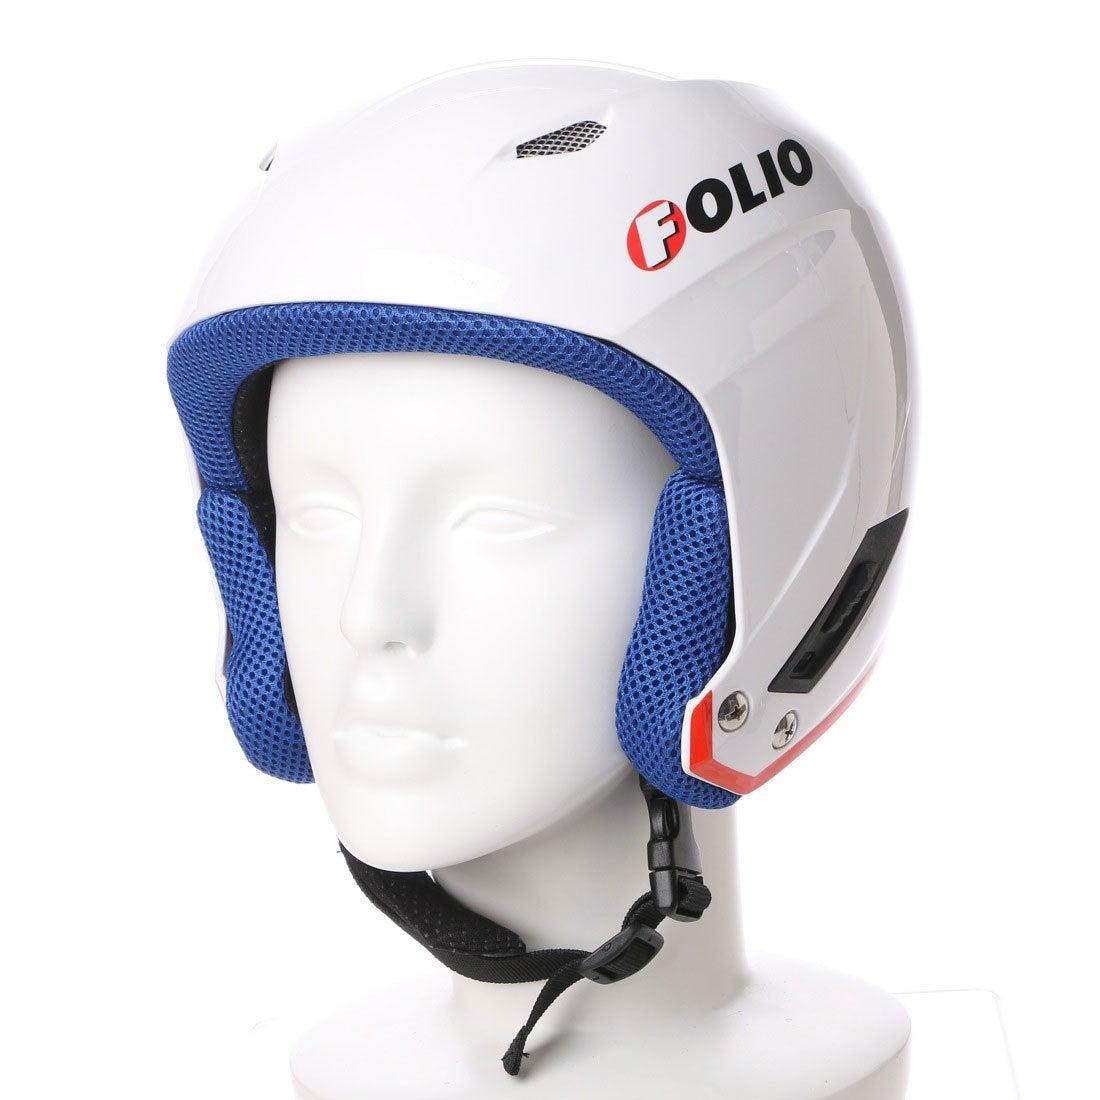 フォリオ FOLIO ユニセックス スキー/スノーボード ヘルメット FH-414 142